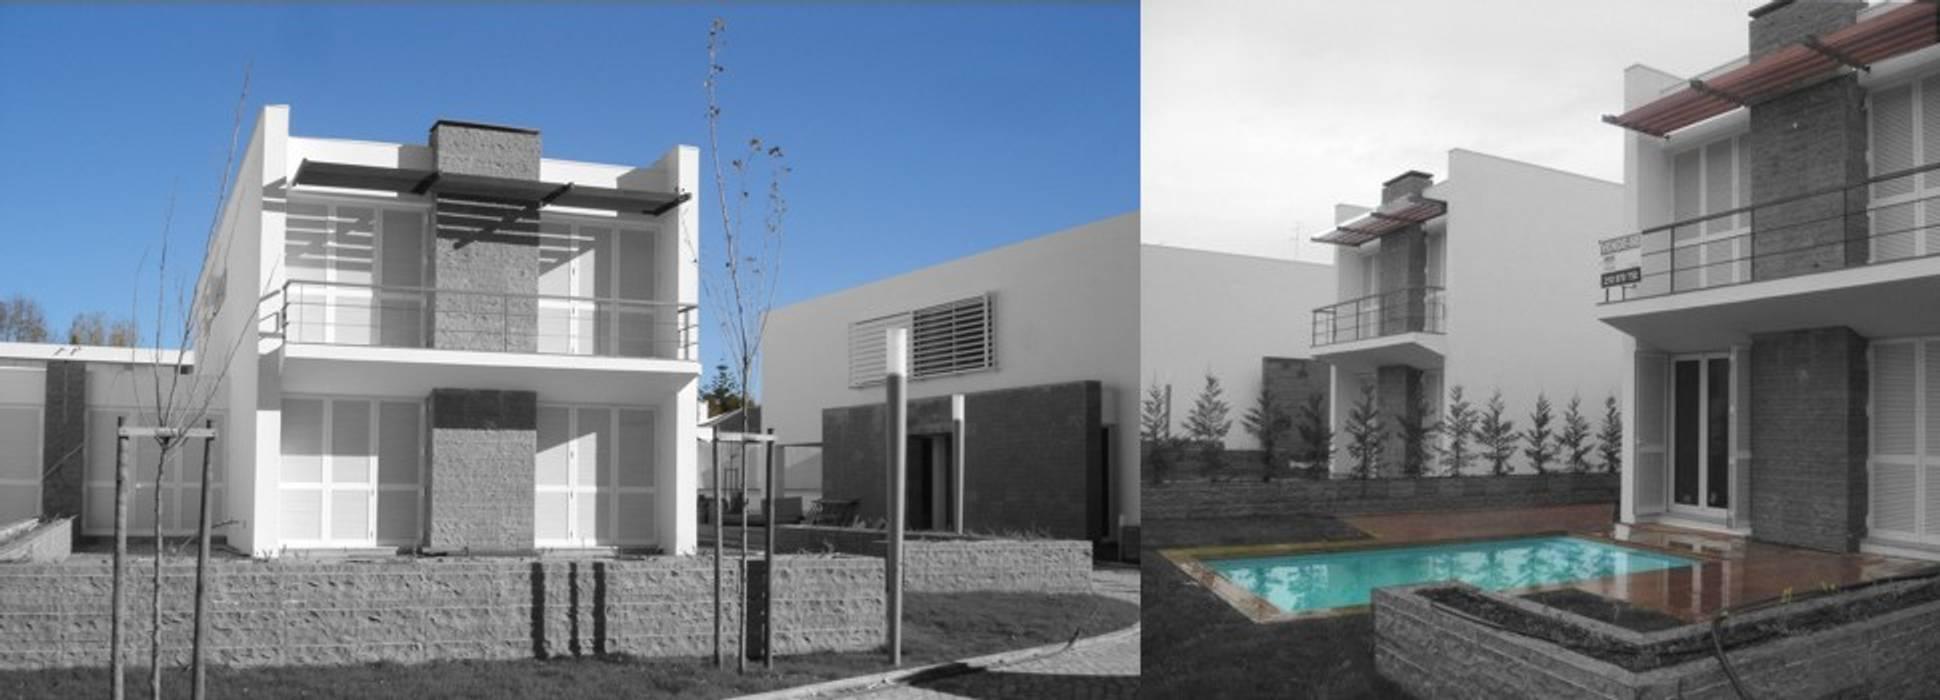 Condomínio Habitação Estoril Casas clássicas por Arquitronica Lda Clássico